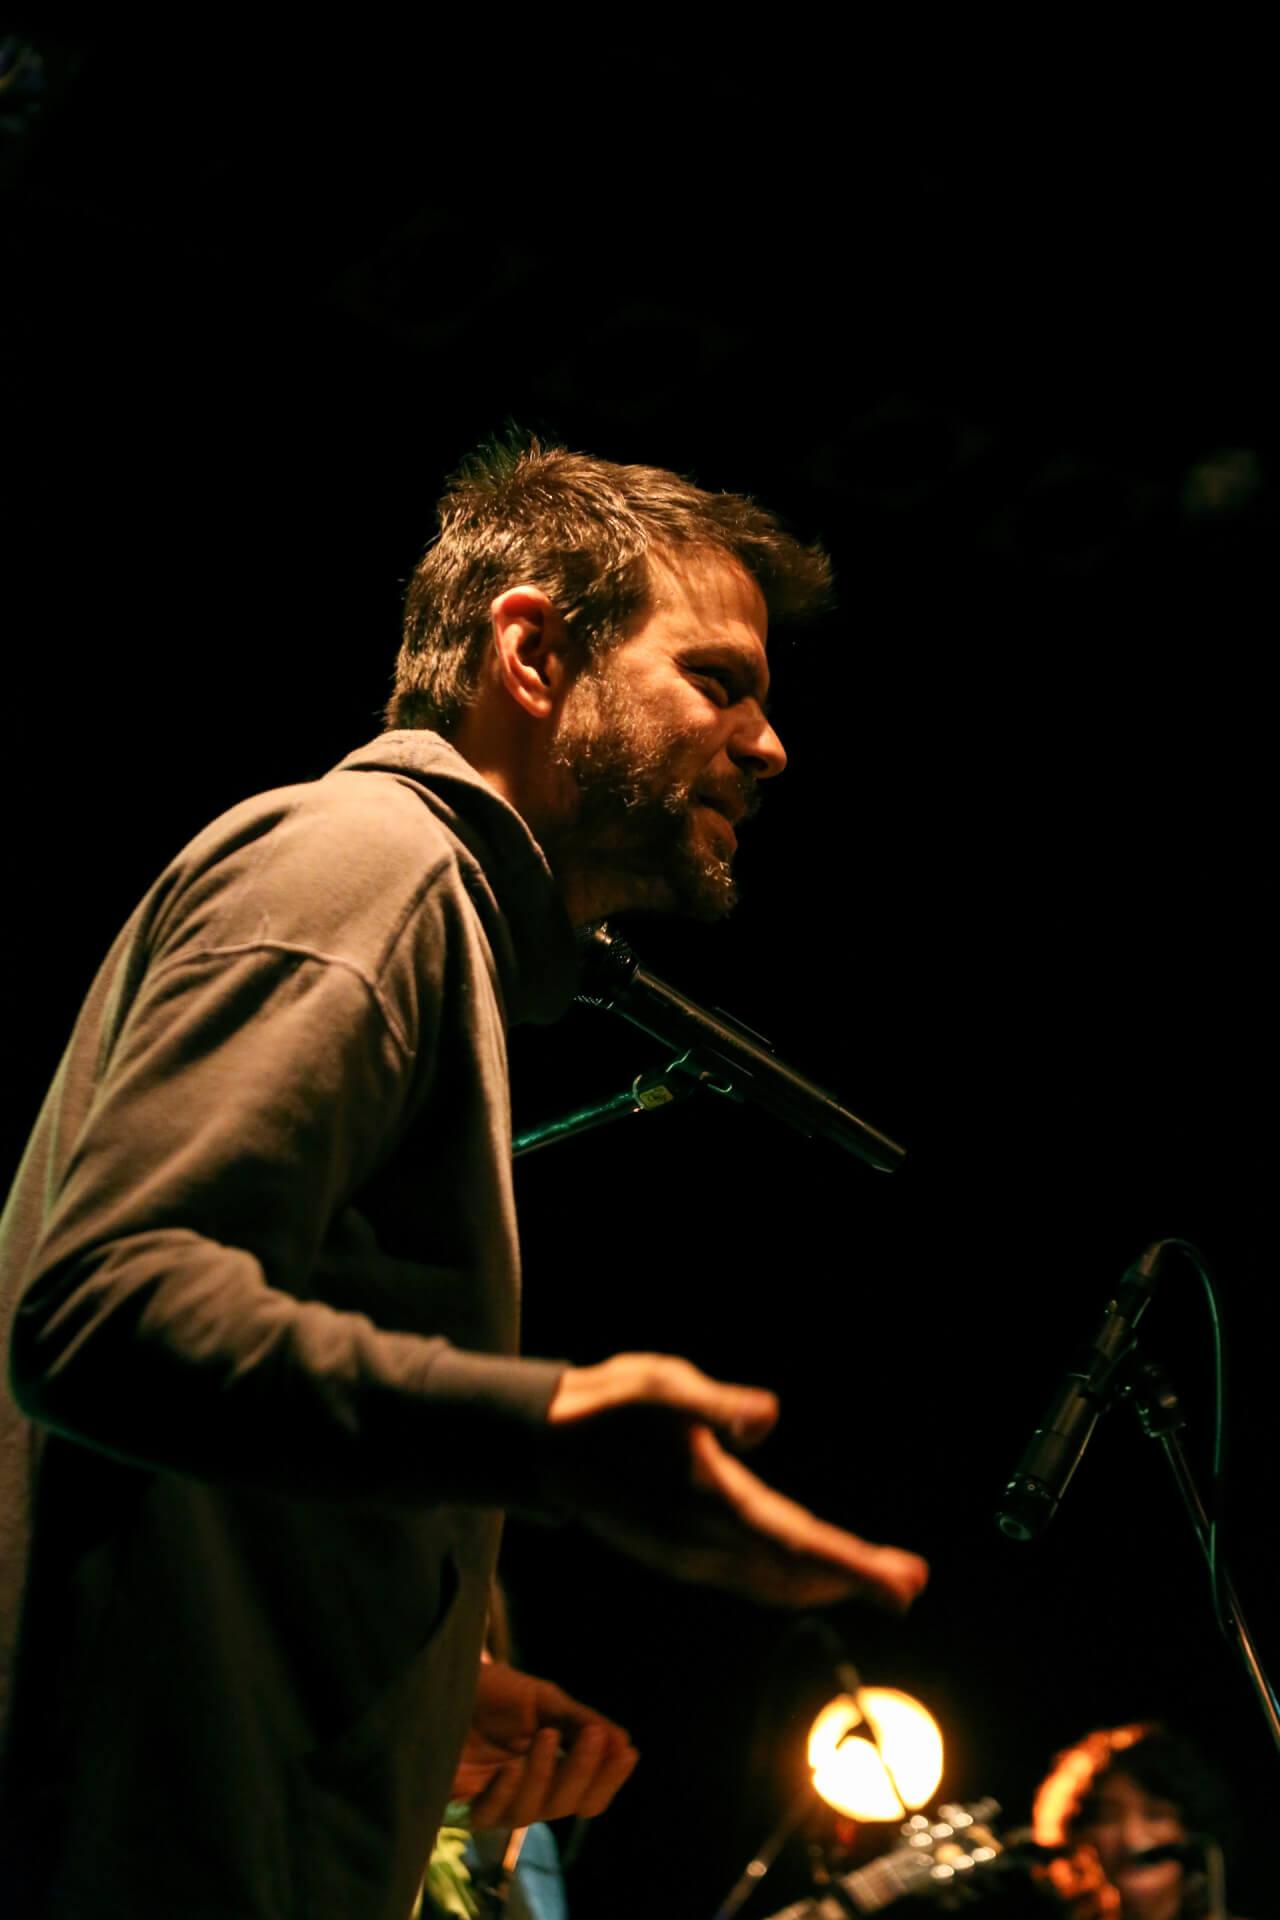 イベントレポート|国境を越えたリズムと即興の祭典<Beat Compañero/波動の交わり> 0E4A1027